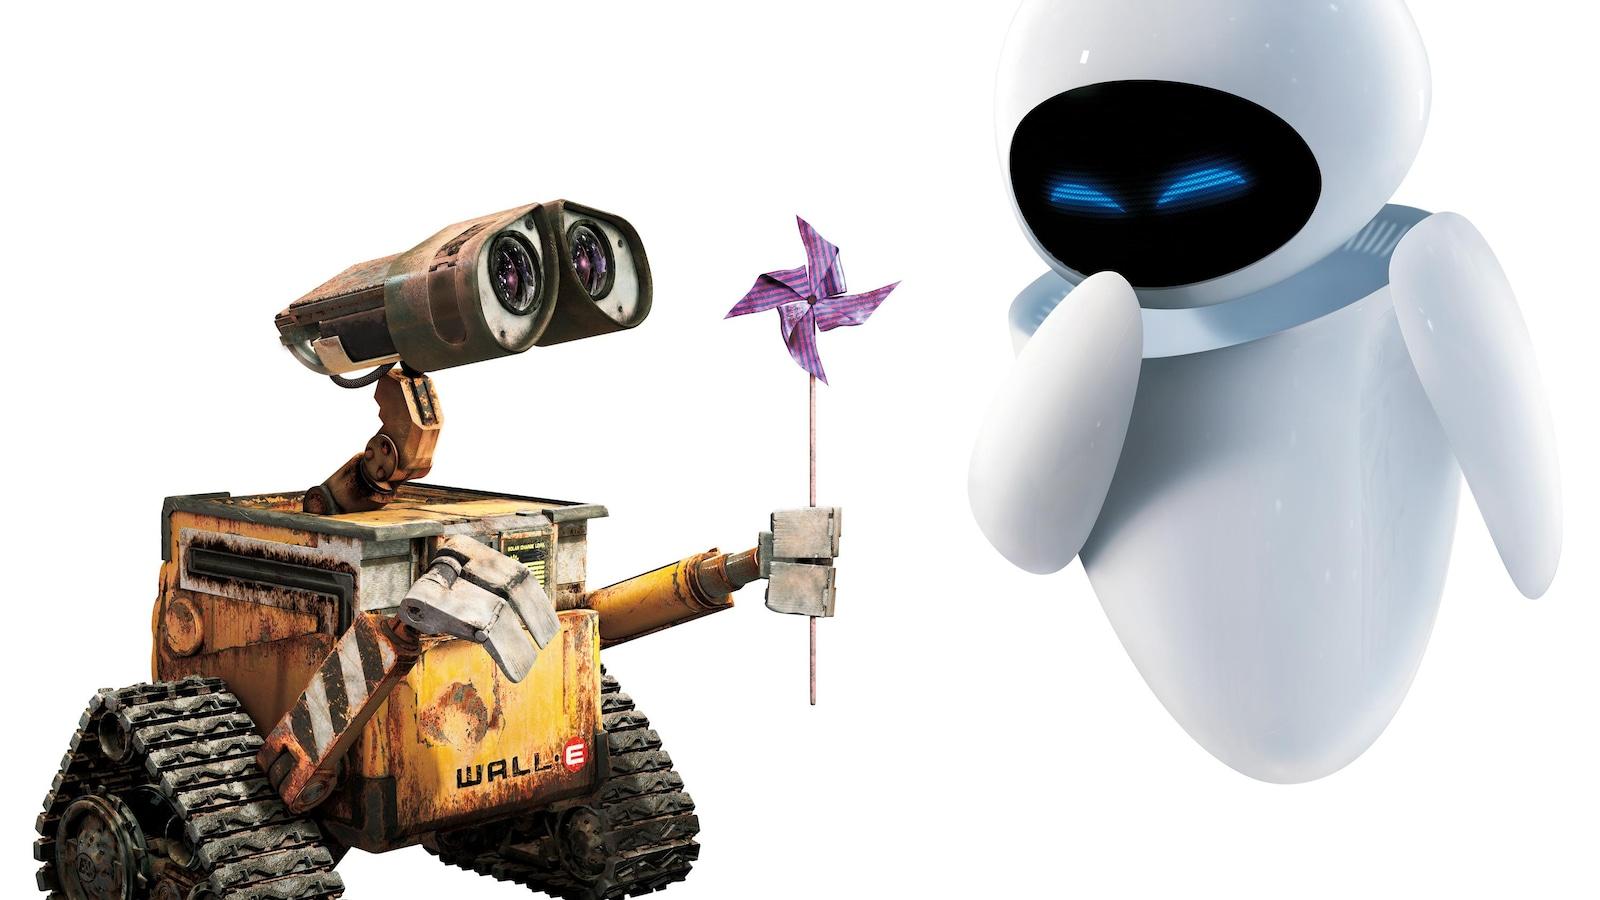 5 Choses Que Vous Ne Savez Pas Sur Wall-E